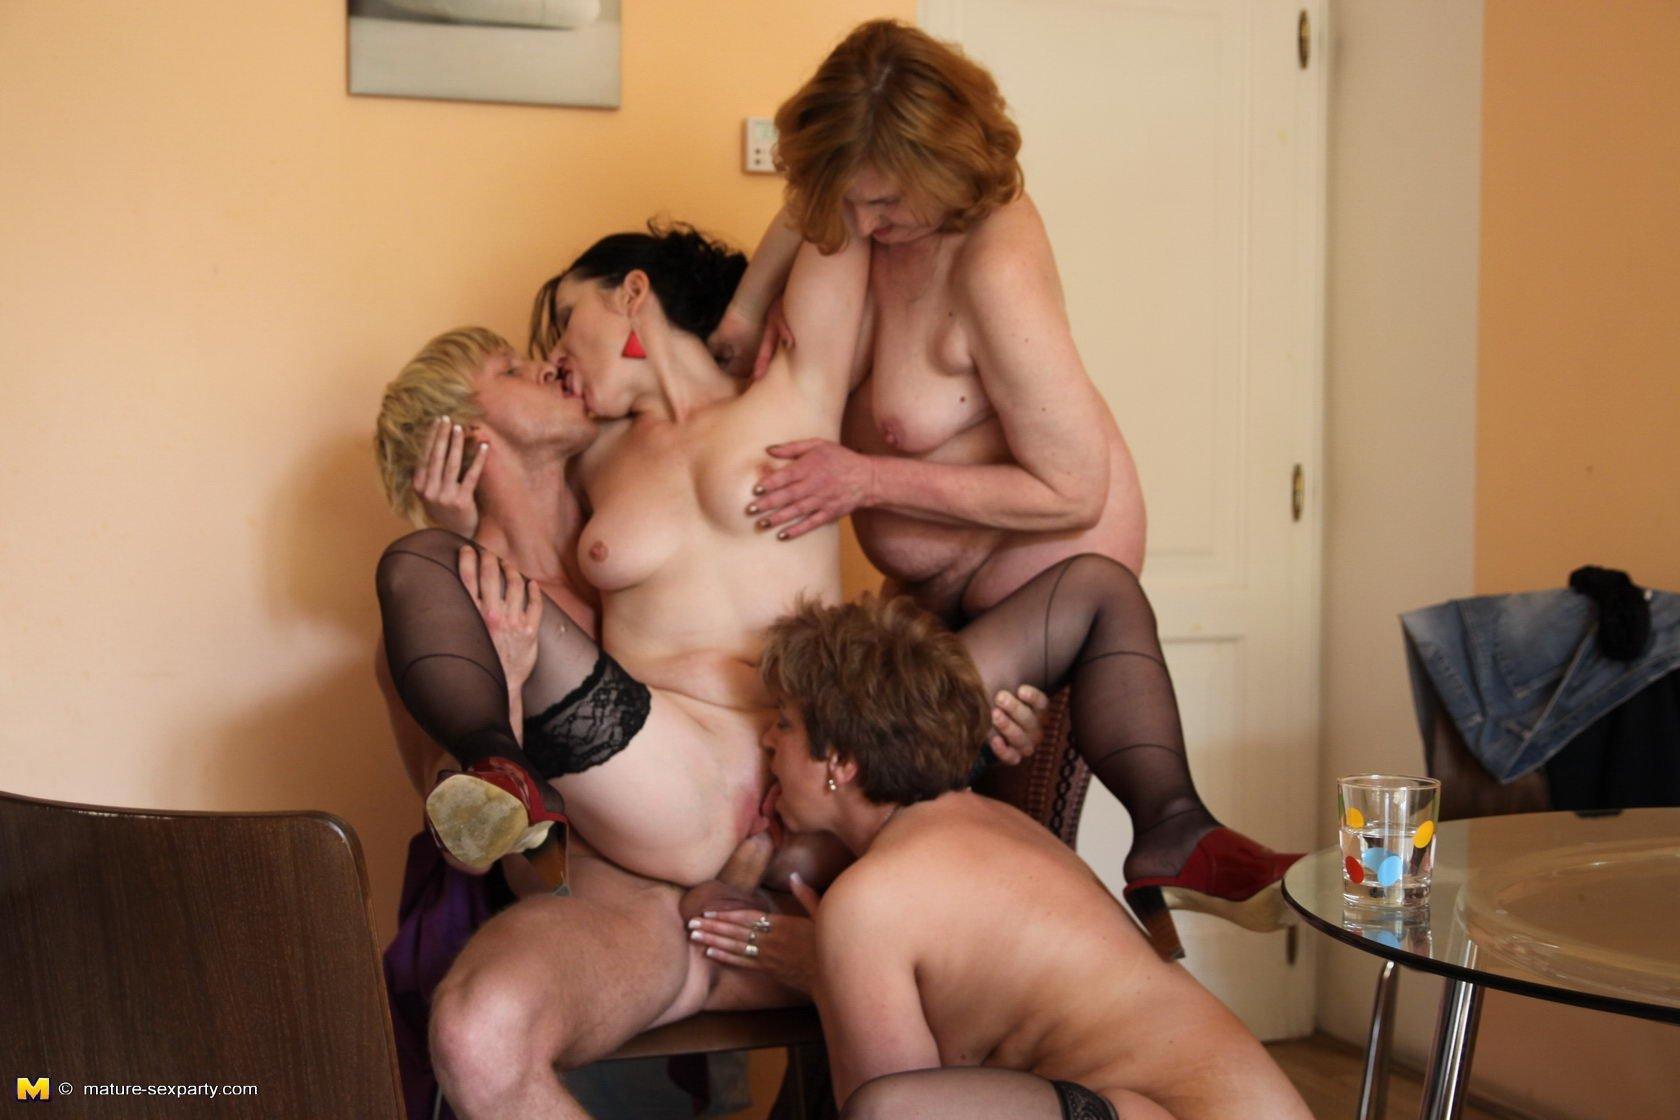 Смотреть порно русских зрелых женщин онлайн, Смотреть русское порно со зрелыми женщинами 12 фотография